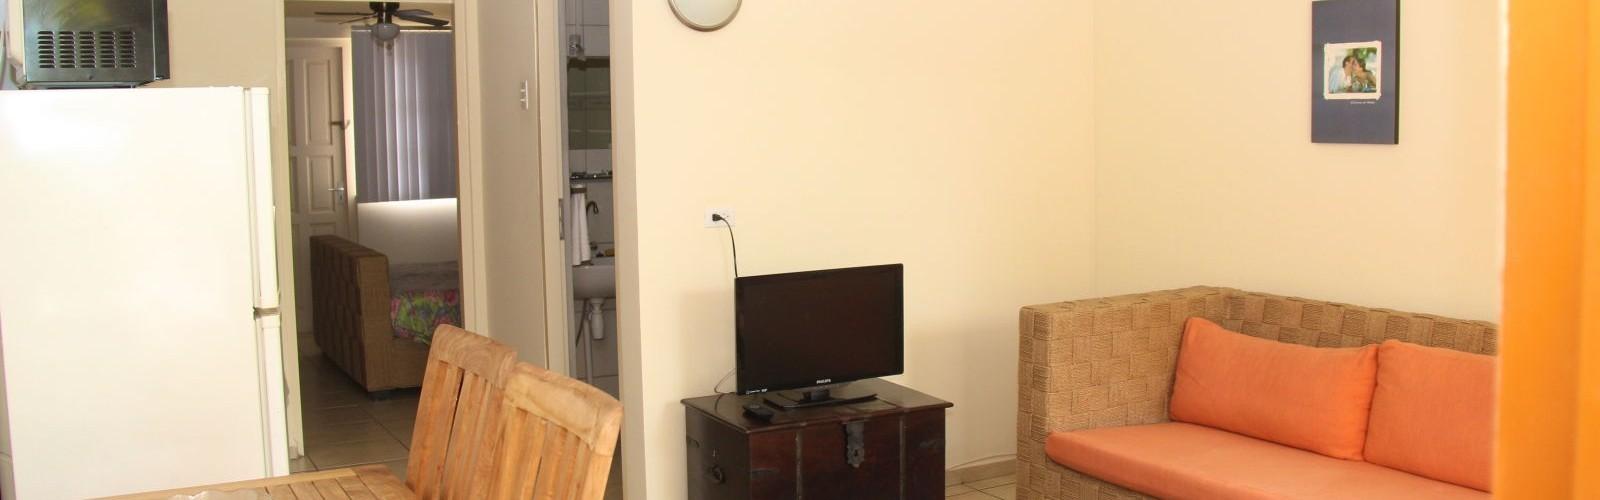 Living Room - Deluxe One Bedroom